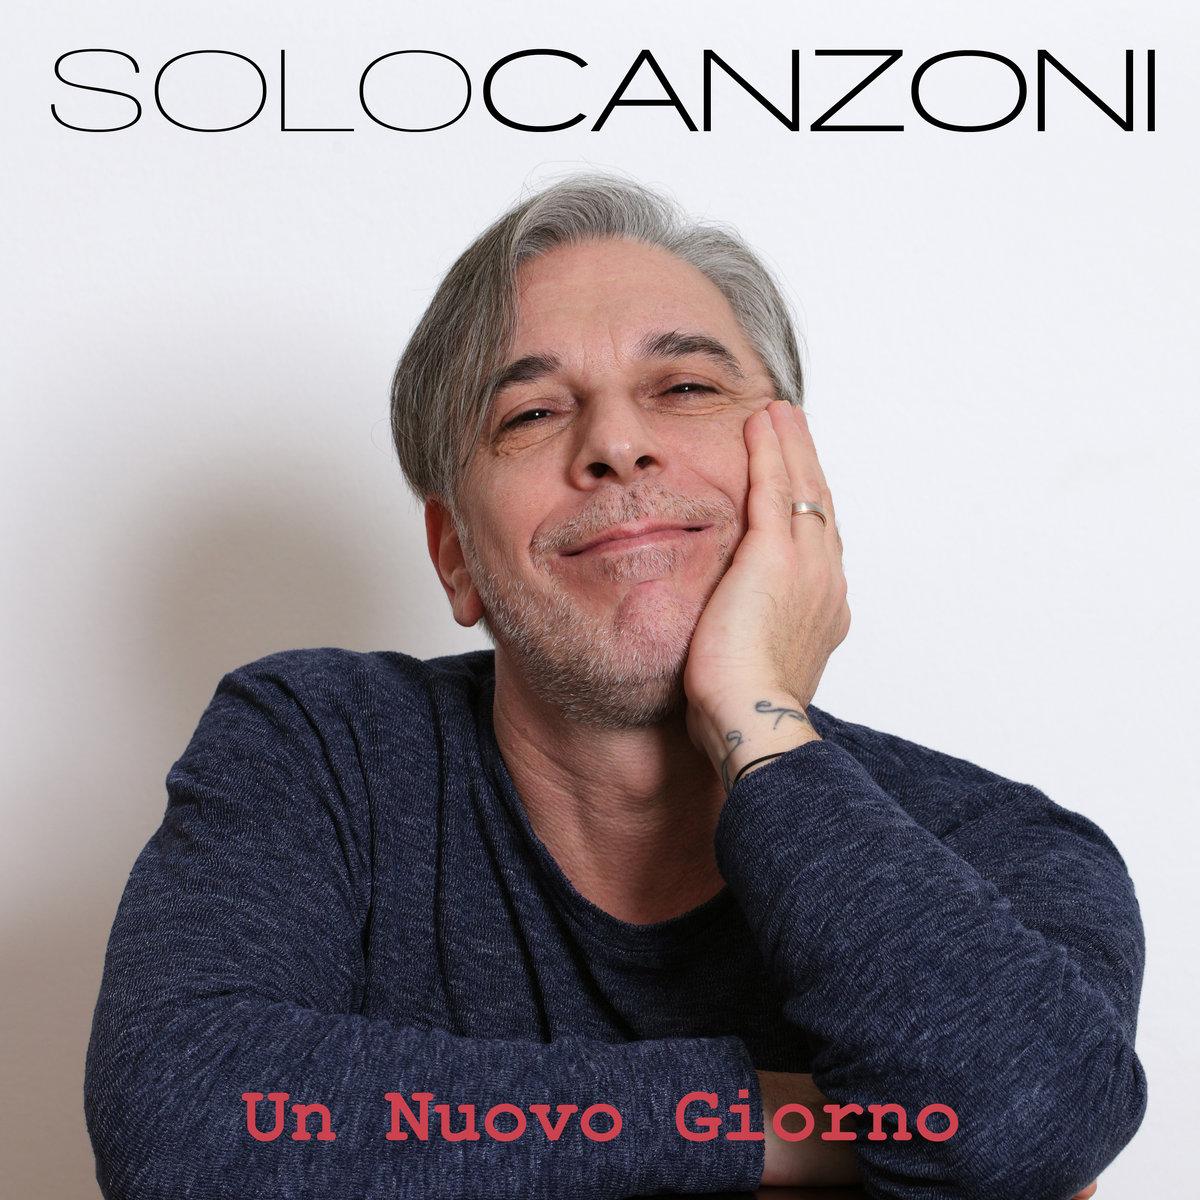 Un Nuovo Giorno by Solo Canzoni